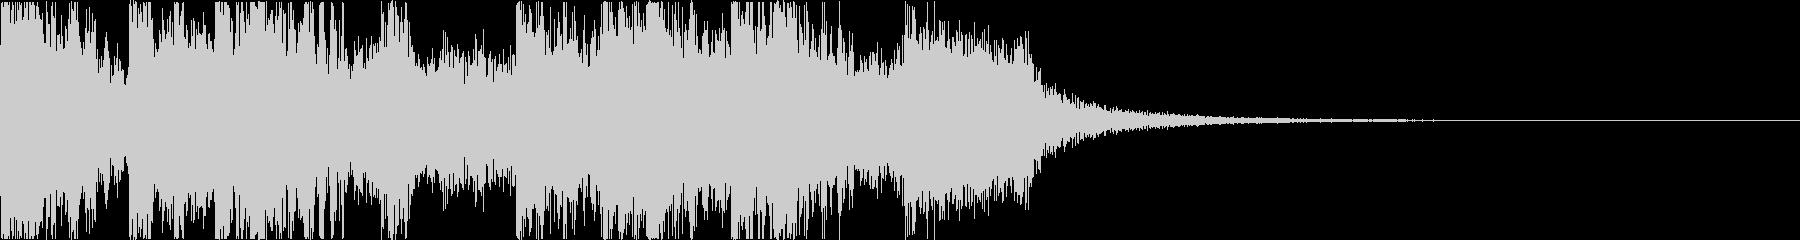 三味線・箏・尺八・和太鼓・ジングル09の未再生の波形